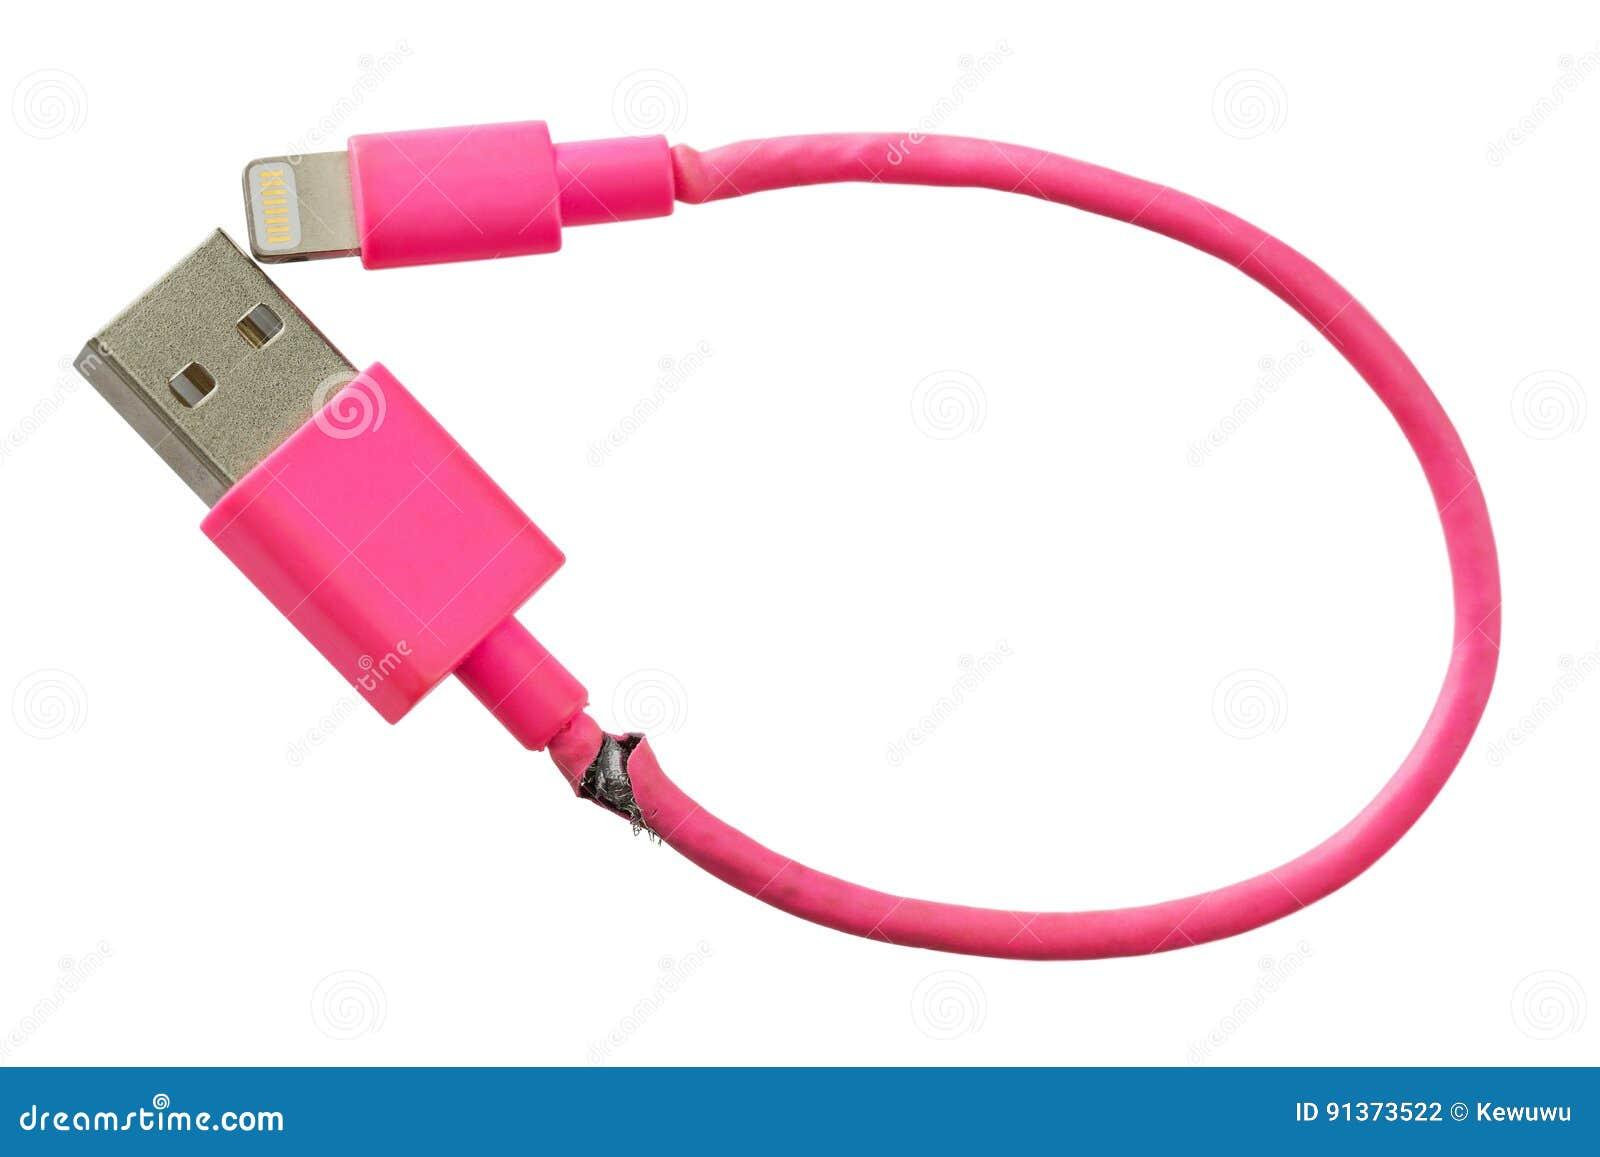 Rosa USB för bruten smart telefonuppladdare som kabel isoleras på vitbaksida